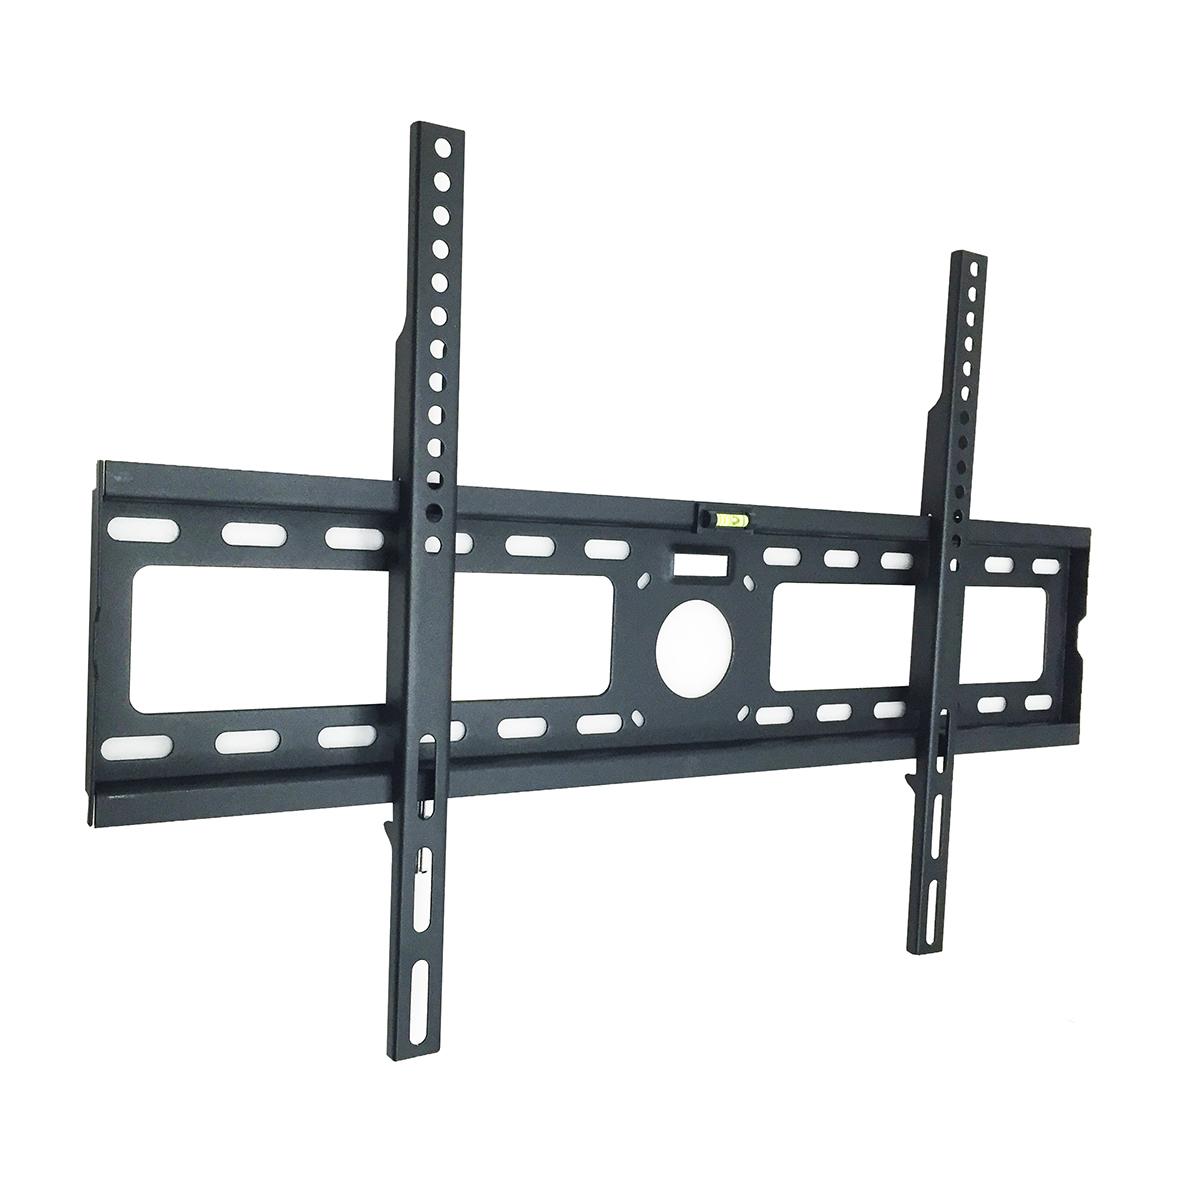 flat tv wall mount bracket for 32 37 42 47 50 55 60. Black Bedroom Furniture Sets. Home Design Ideas